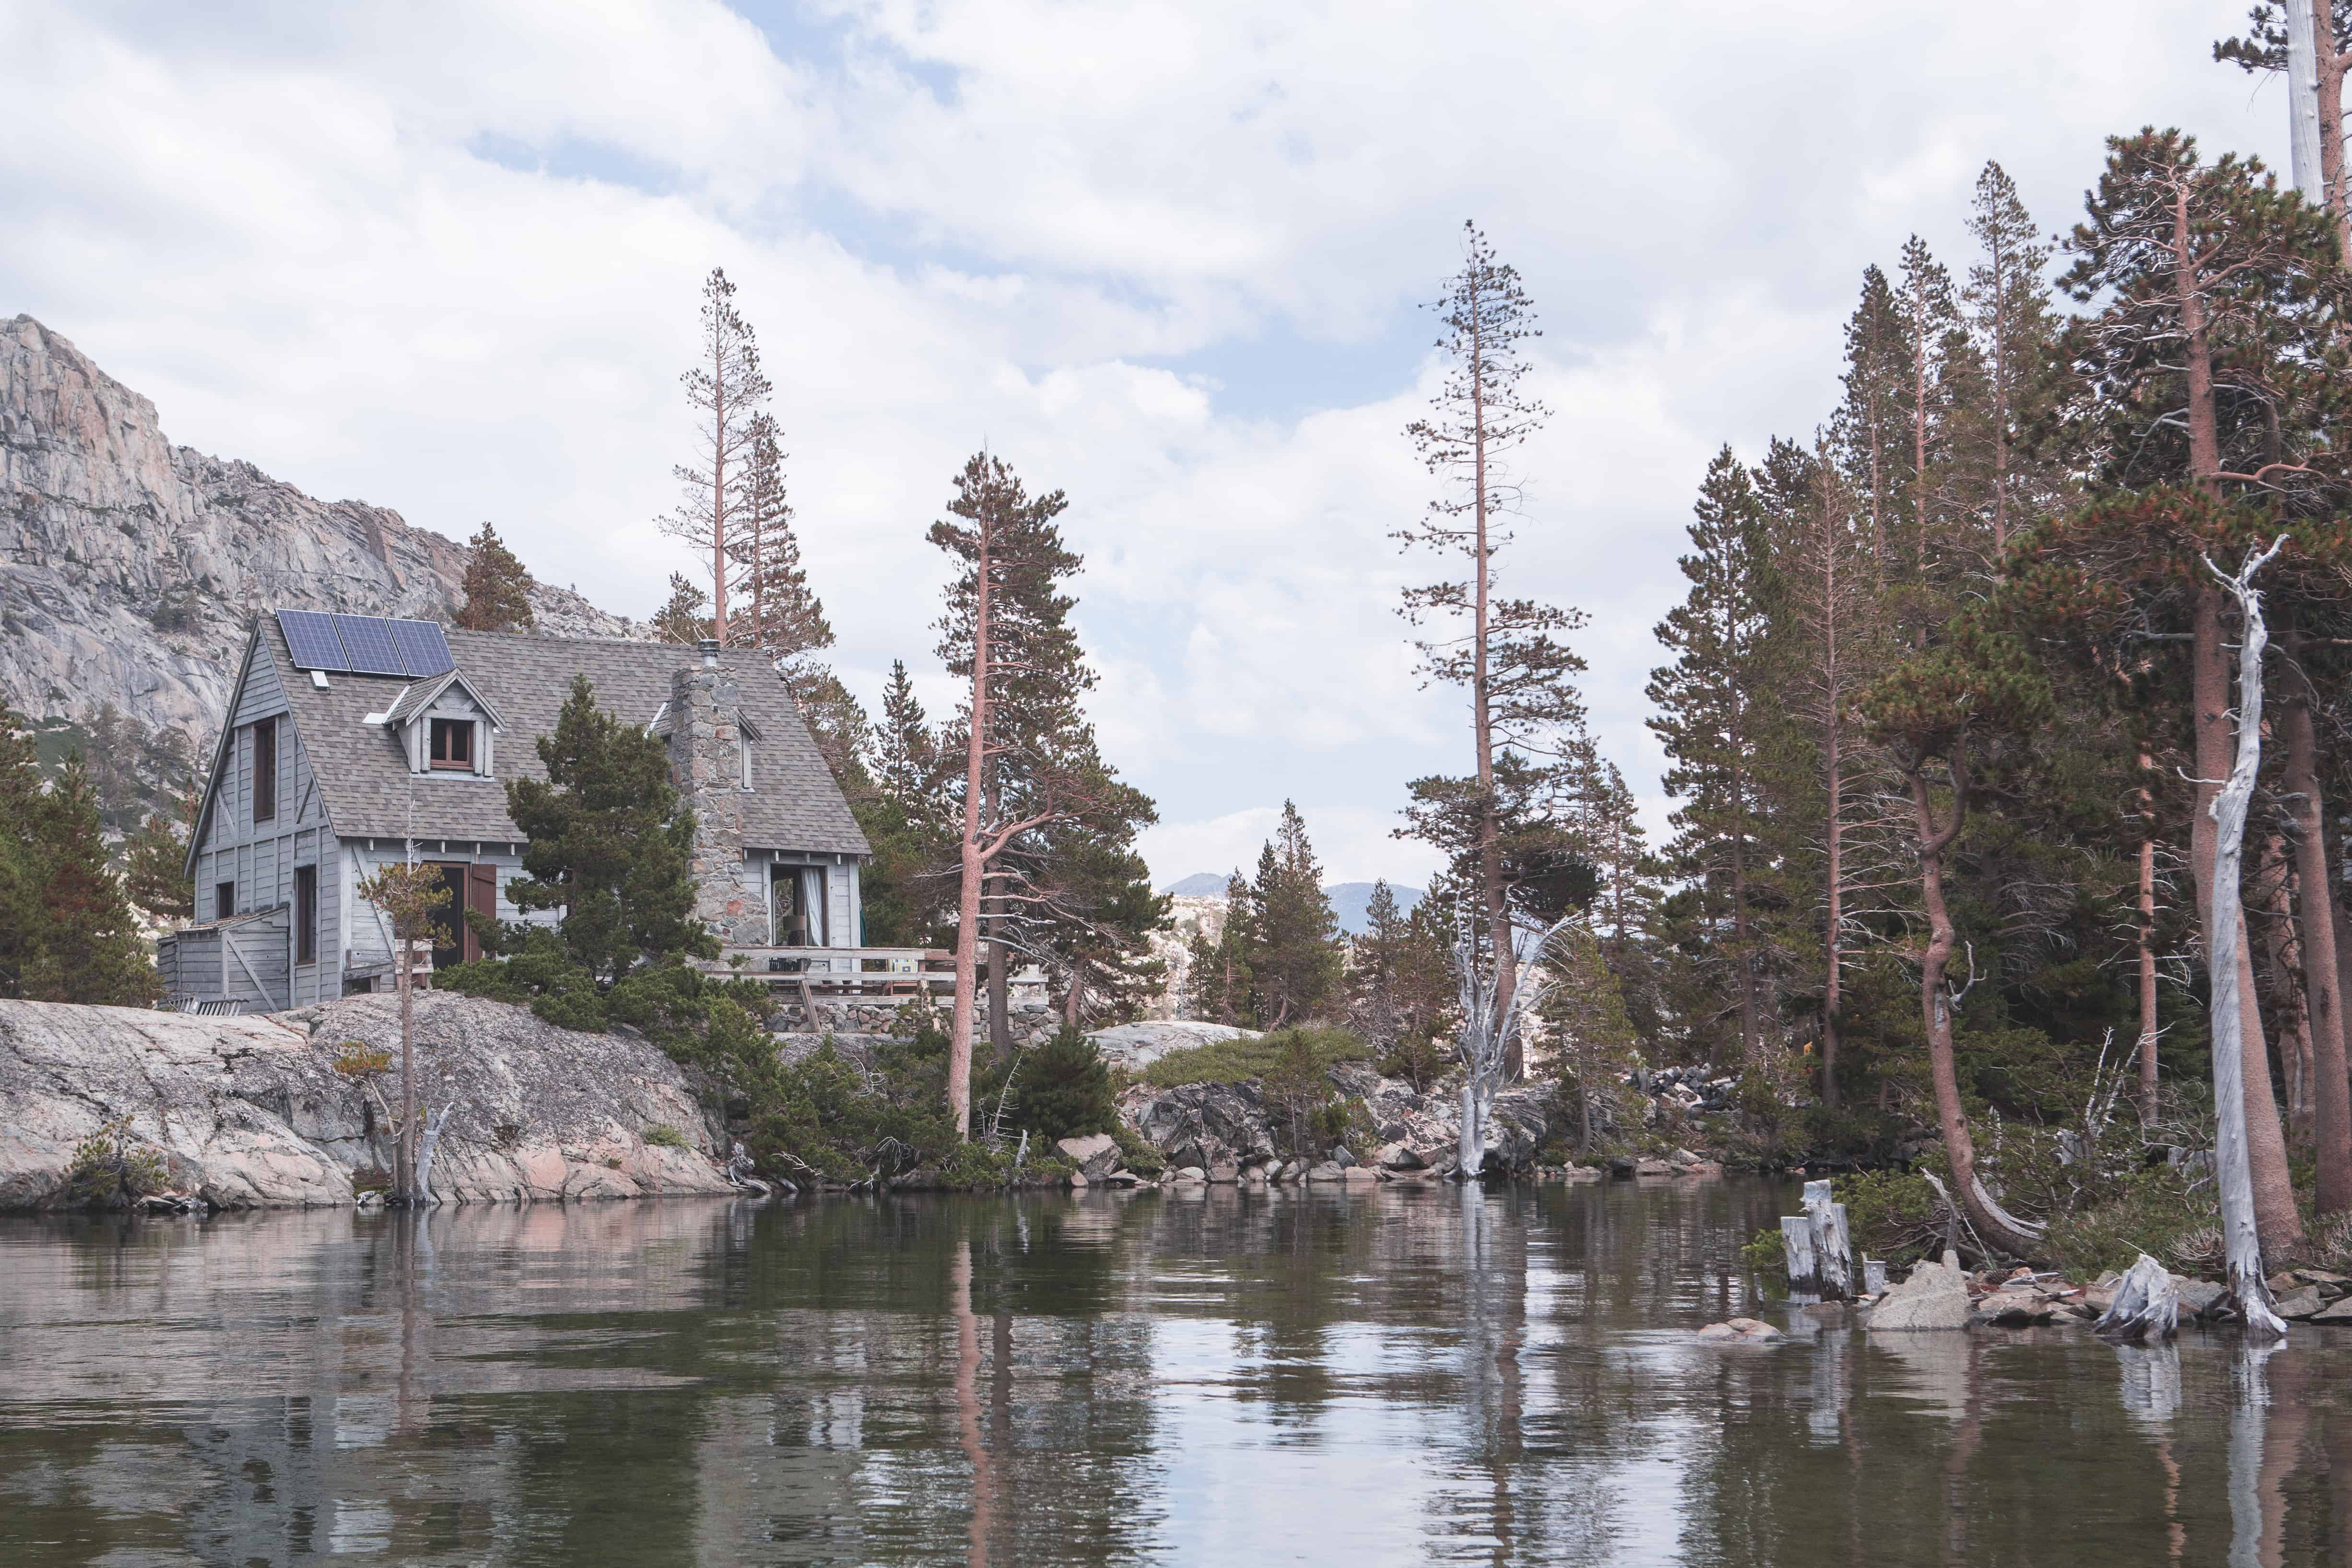 Cabin on a lake in Lake Tahoe, California